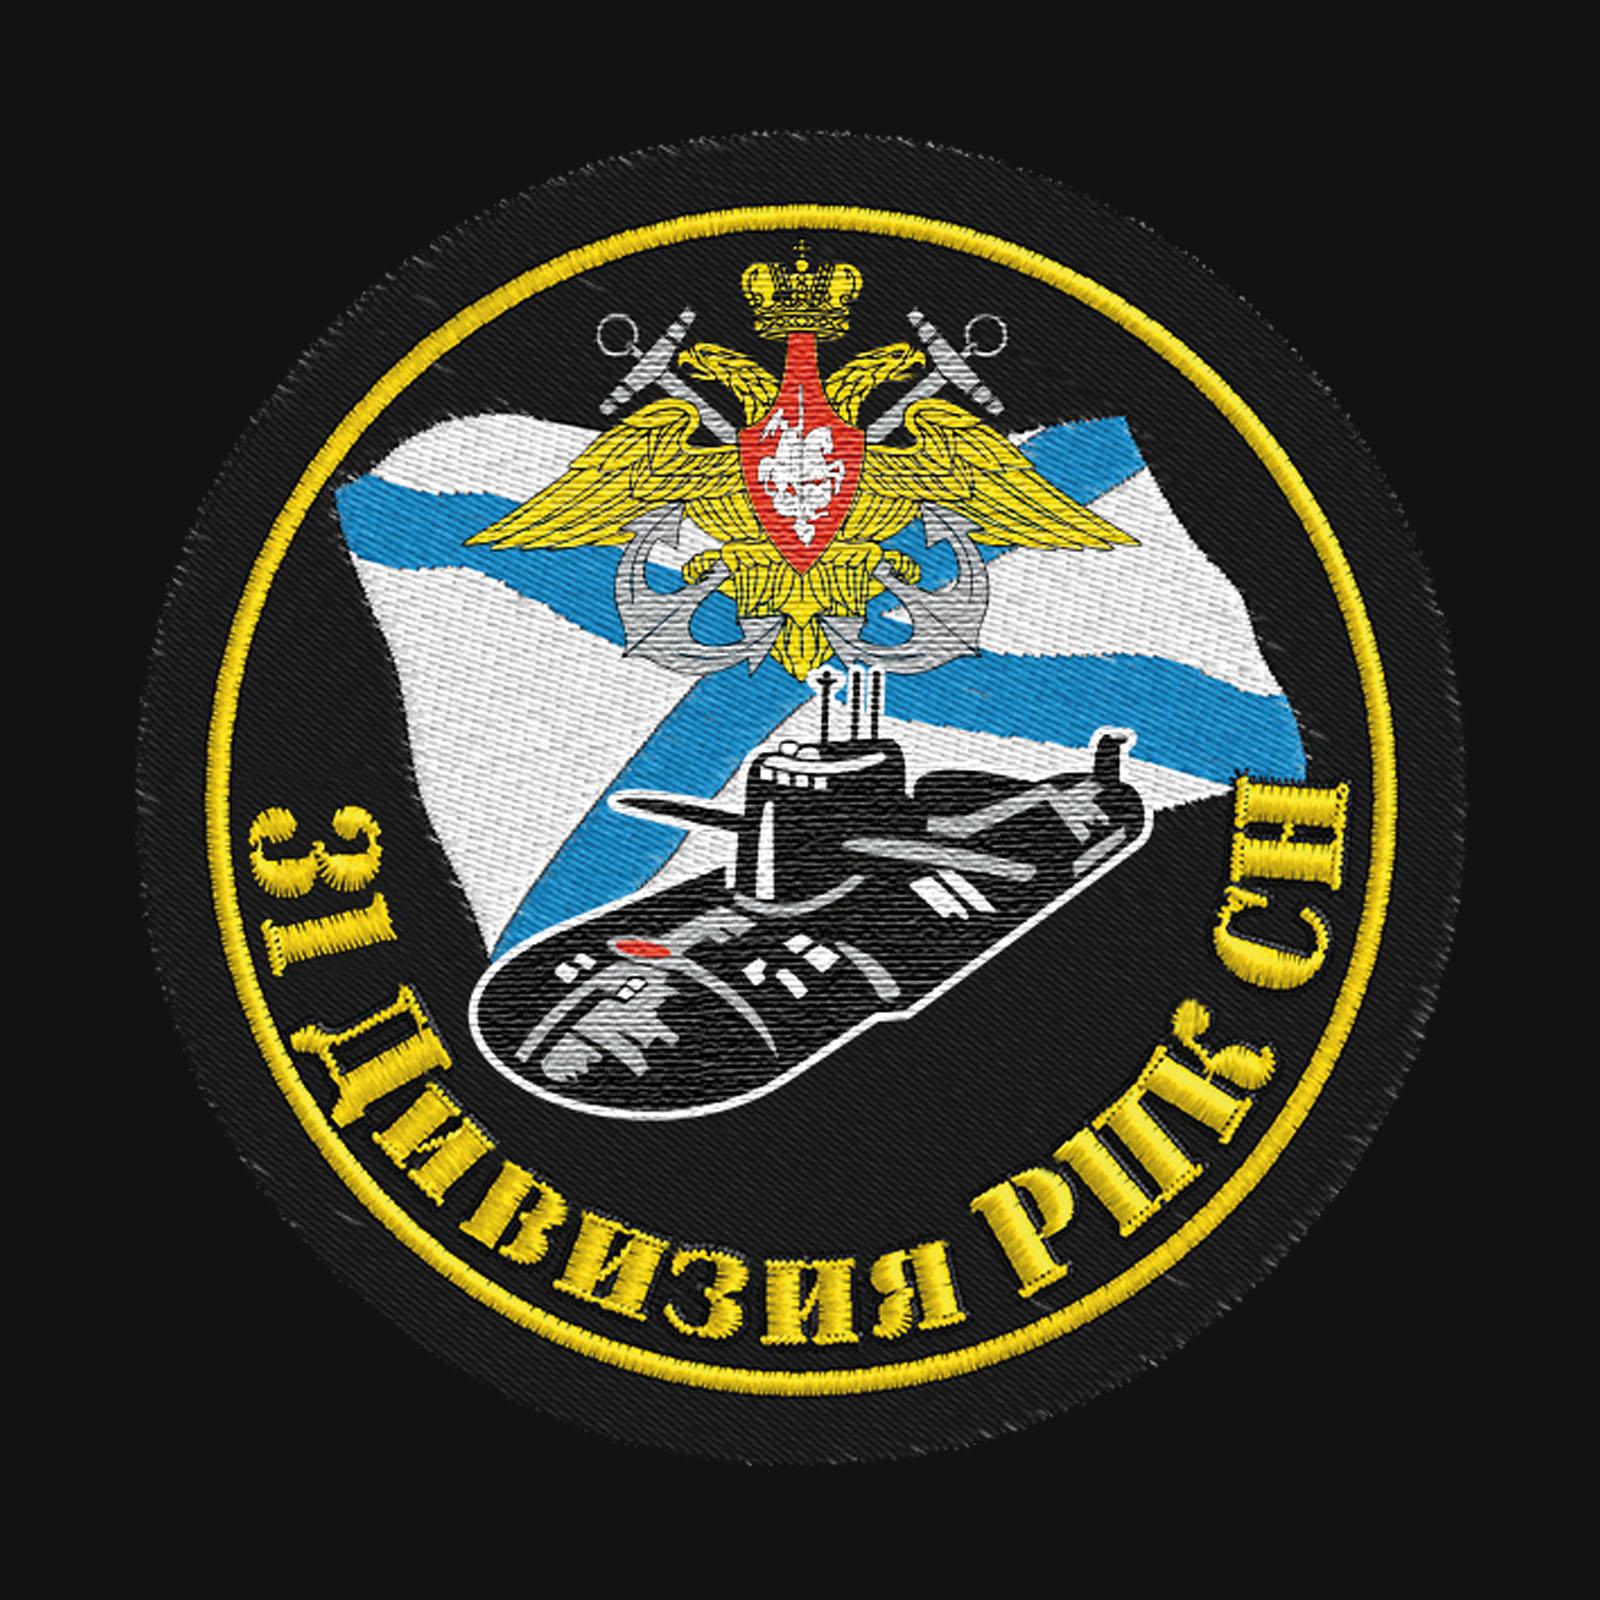 Черная толстовка 31 Дивизия РПК СН